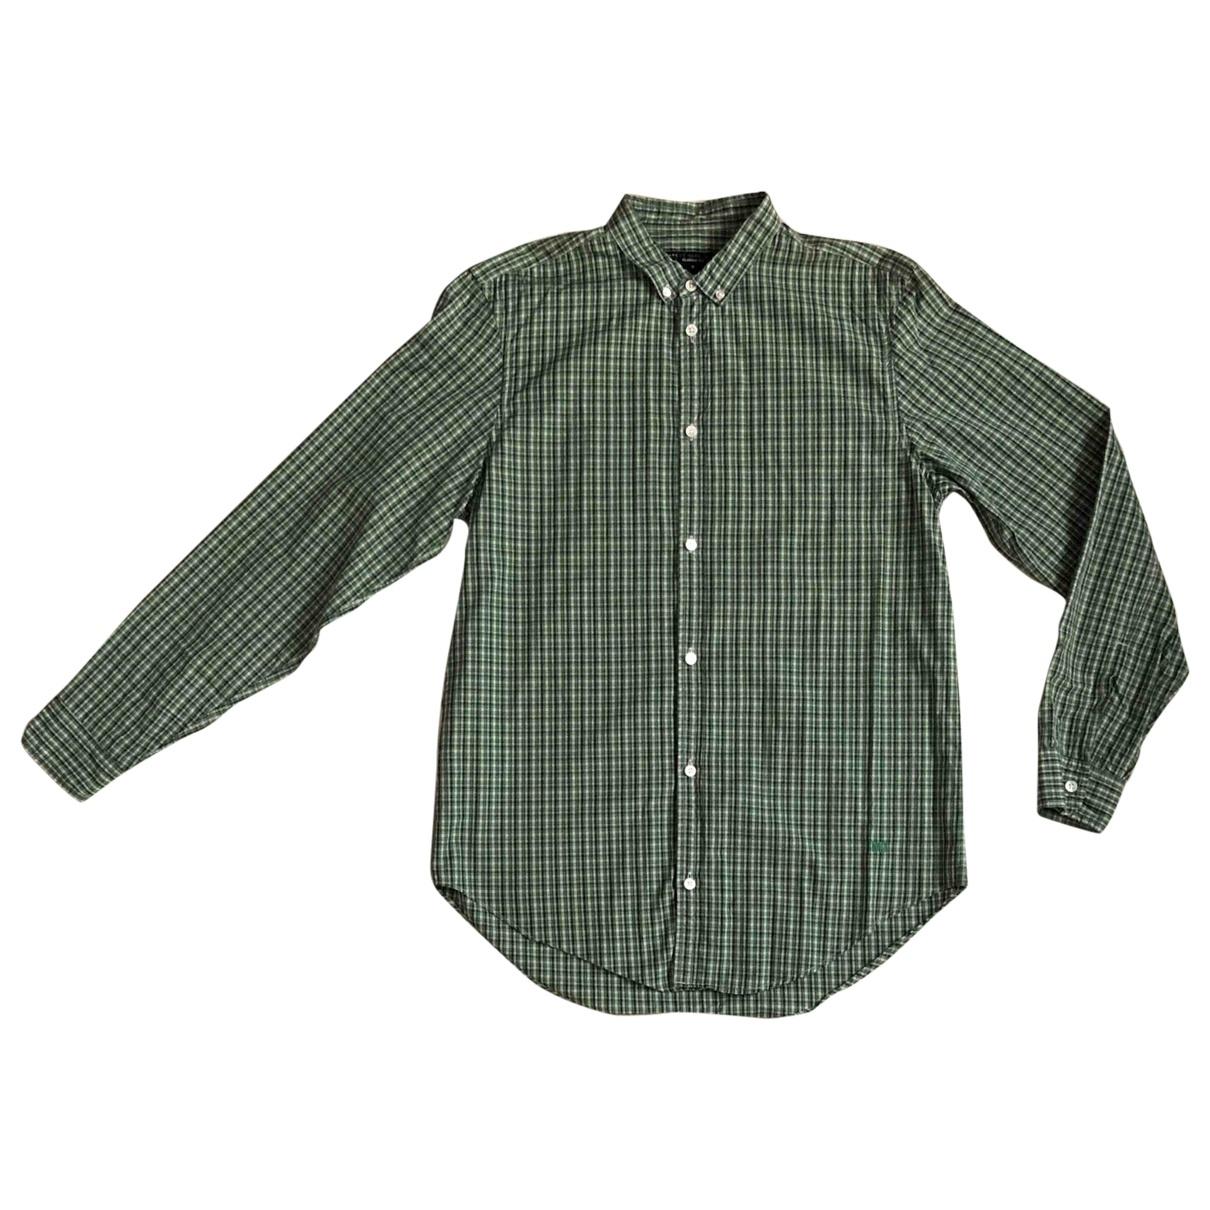 Marc By Marc Jacobs \N Hemden in  Gruen Baumwolle